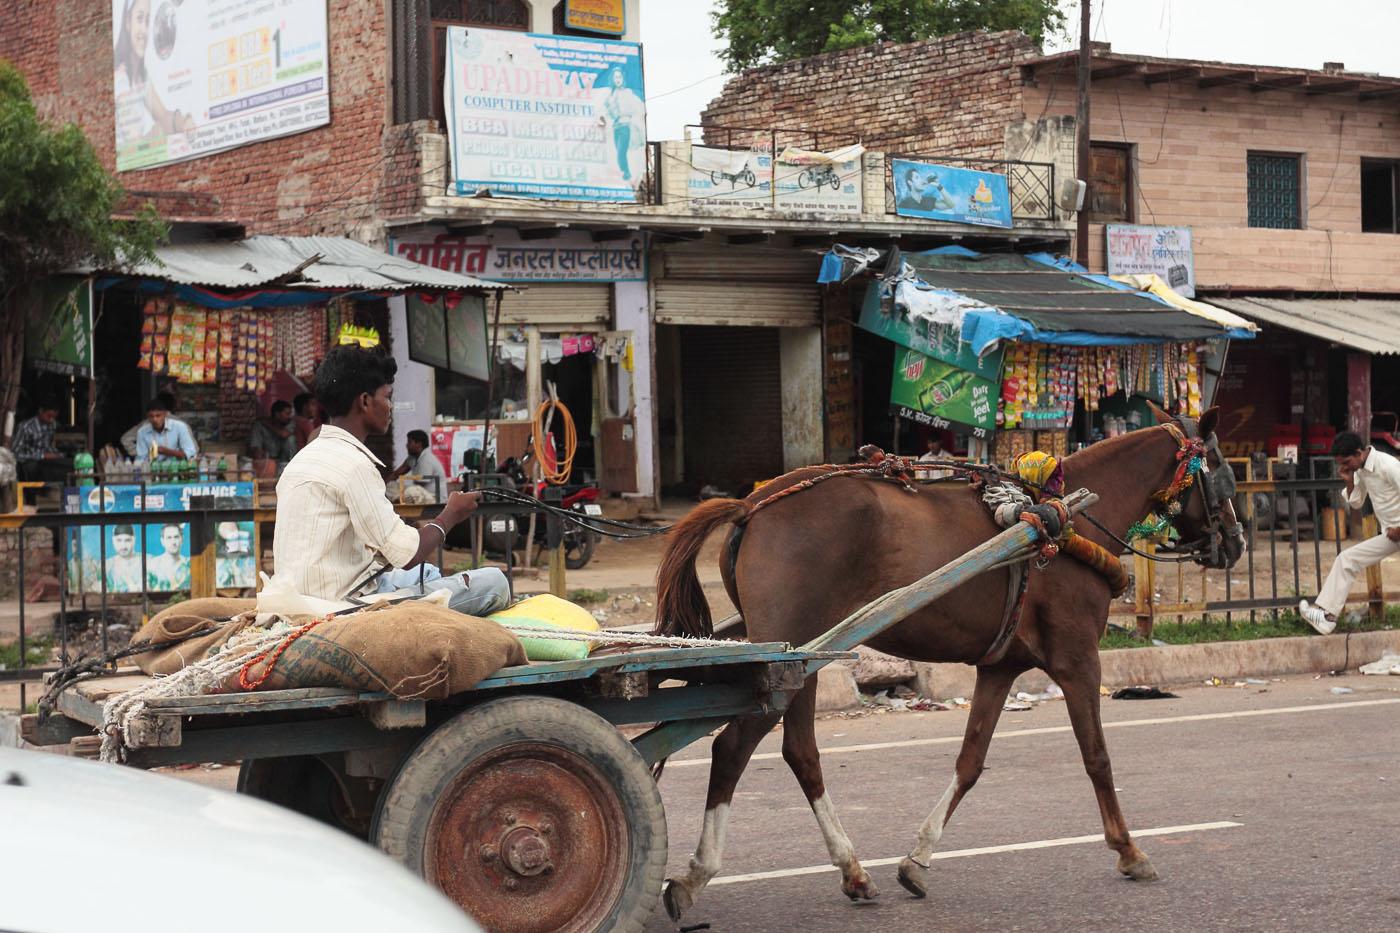 Фотография 2. Путешествие в Агру. Наездник. Отзывы туристов об экскурсиях в Индии.